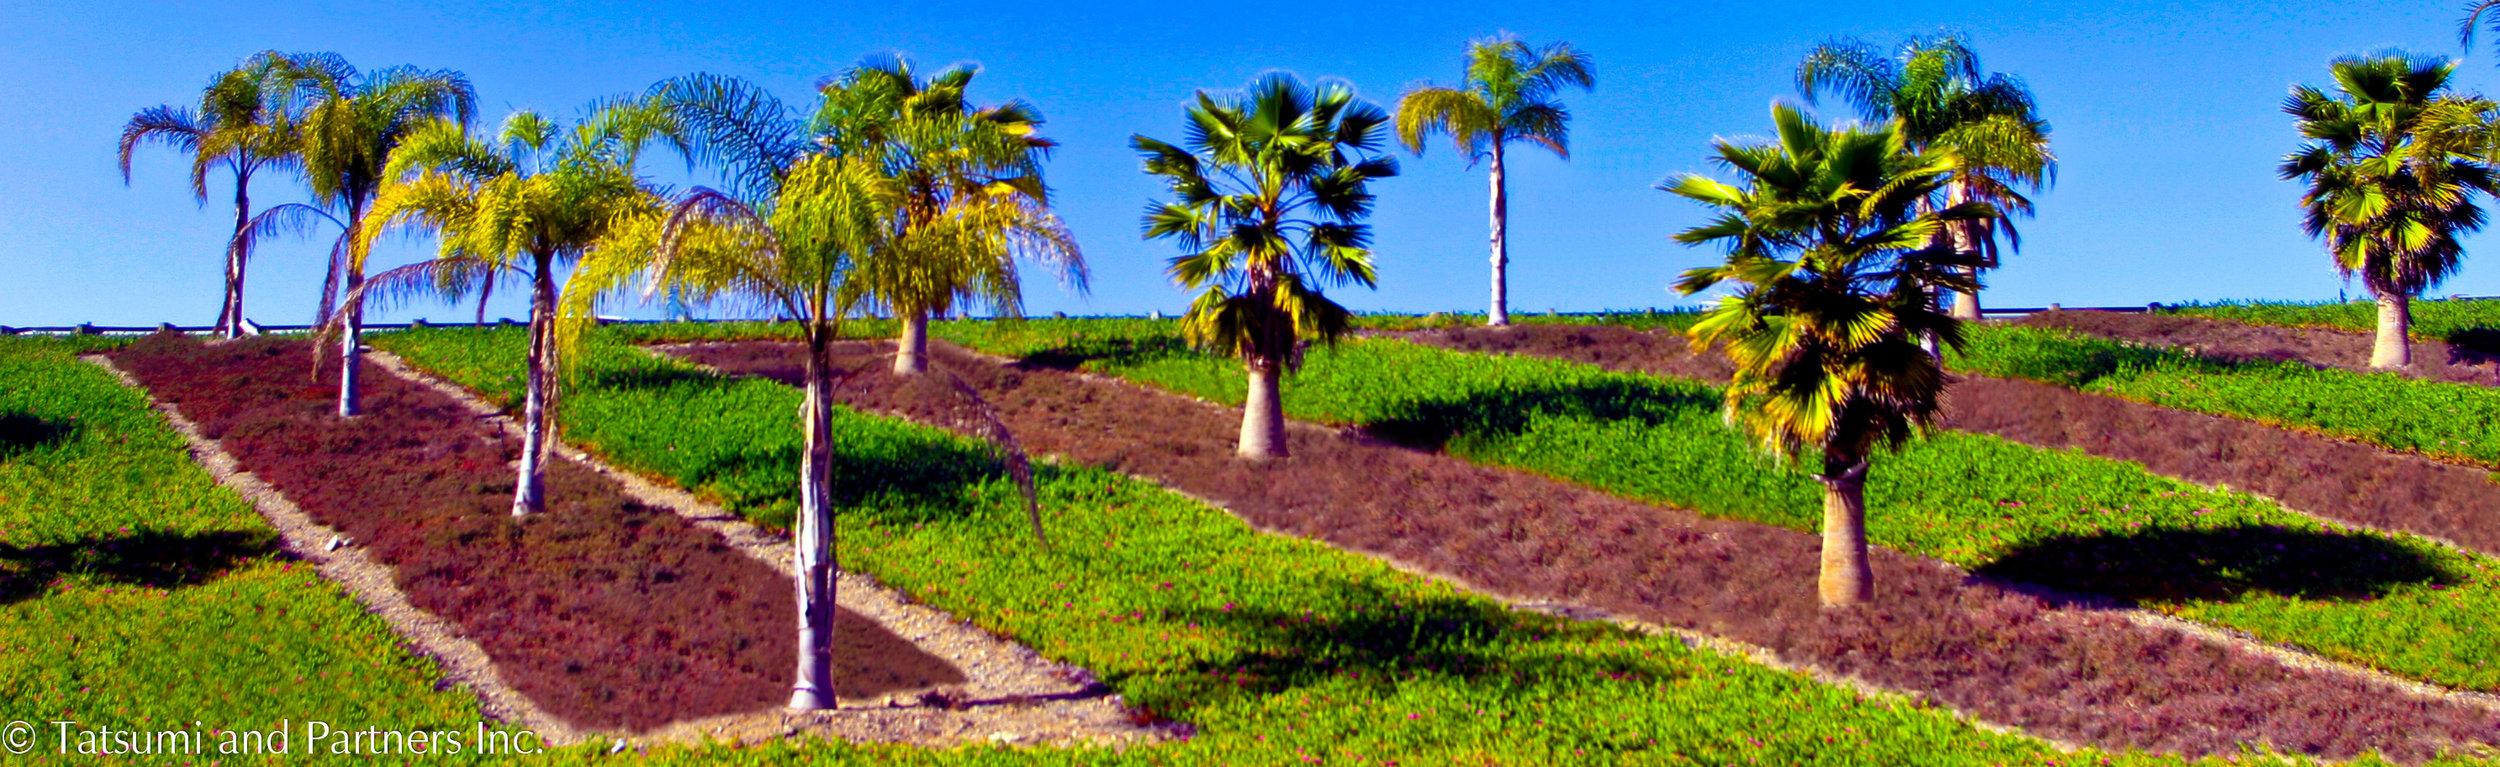 Highway_SR22_Landscape 3.jpg